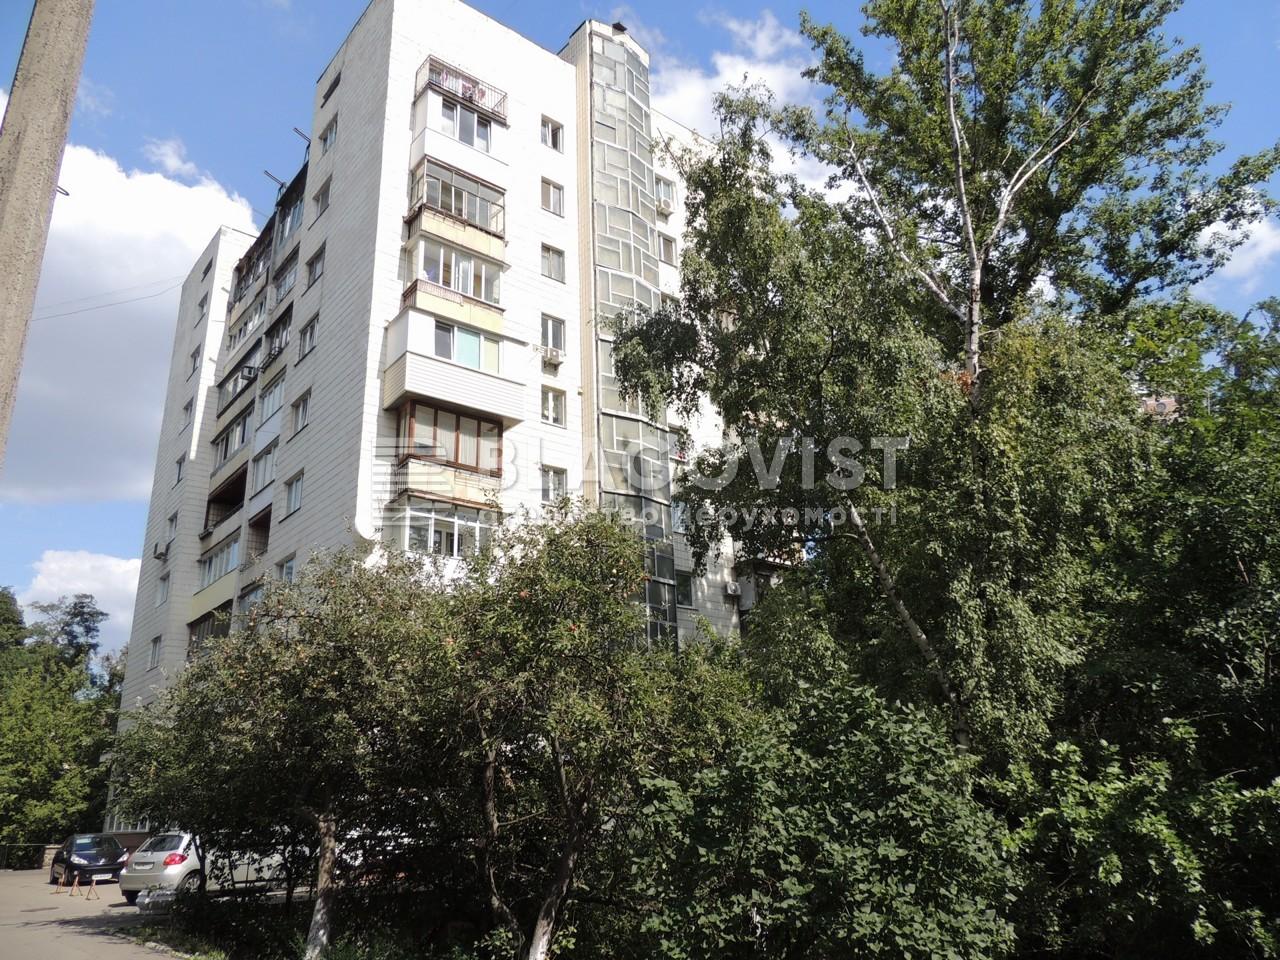 Квартира C-101736, Виноградный пер., 6, Киев - Фото 1